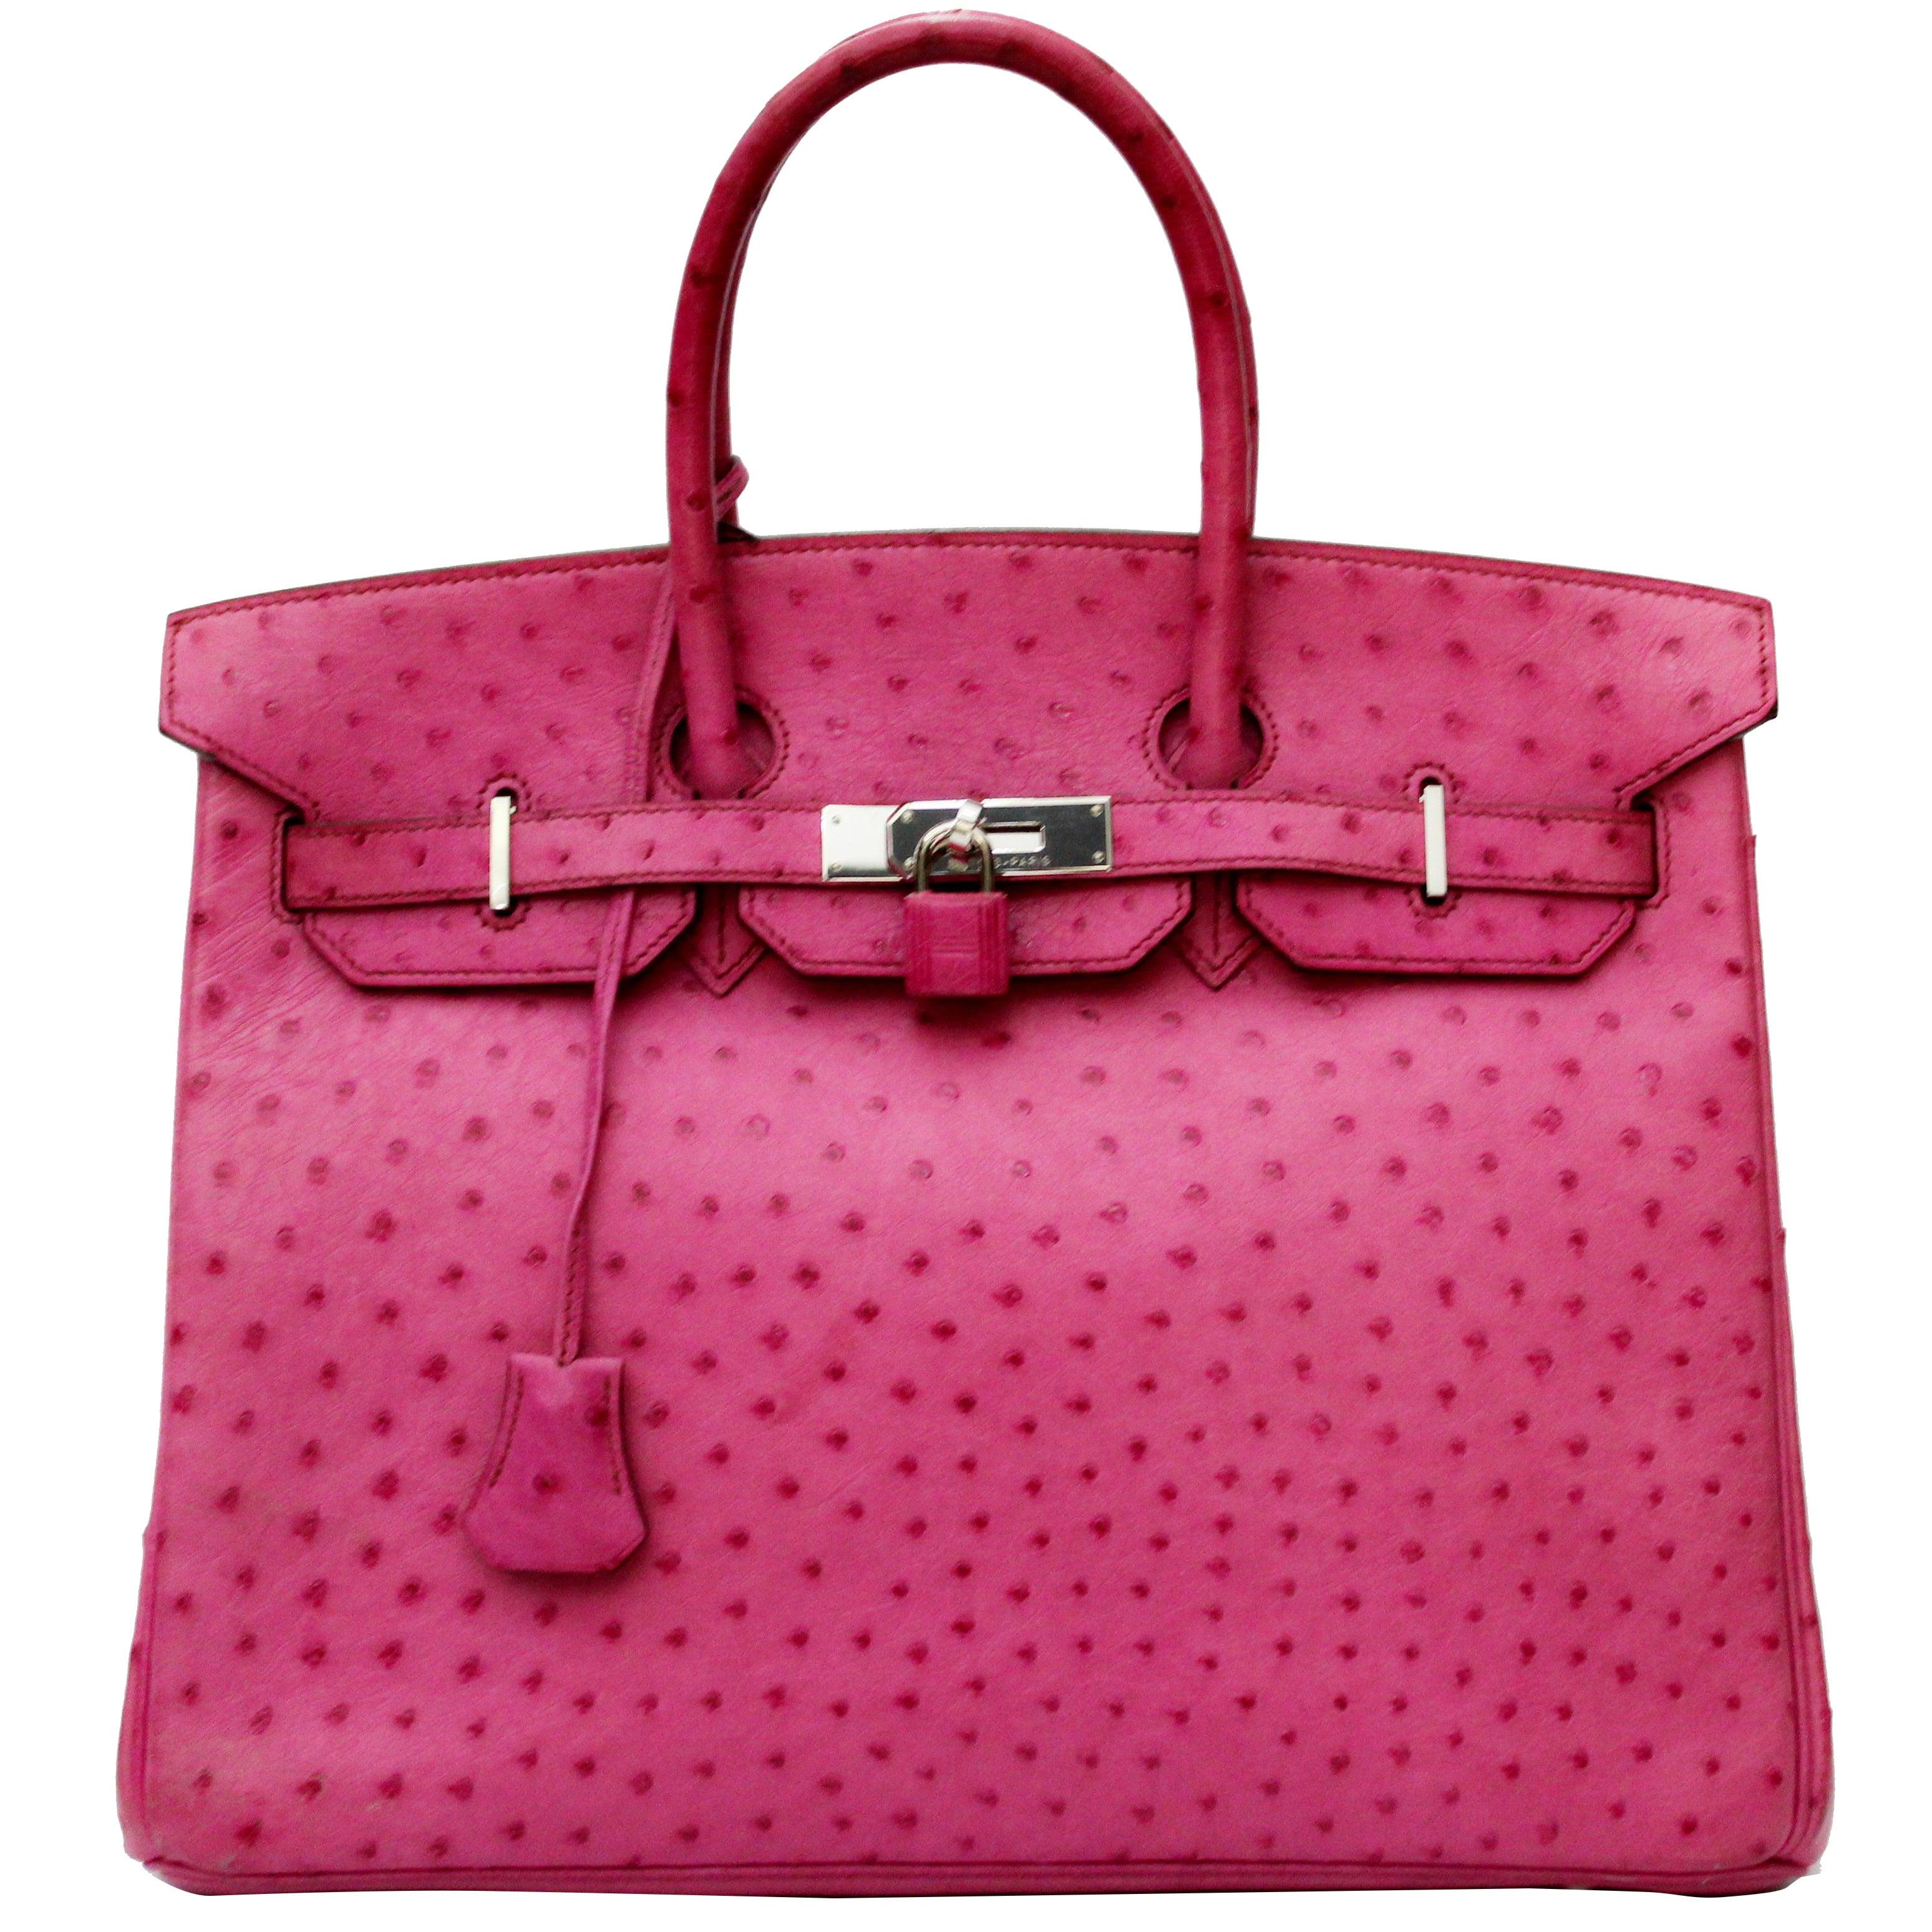 Hermes Pink Ostrich Leather 35cm Birkin Bag 2c2e3c414af8f